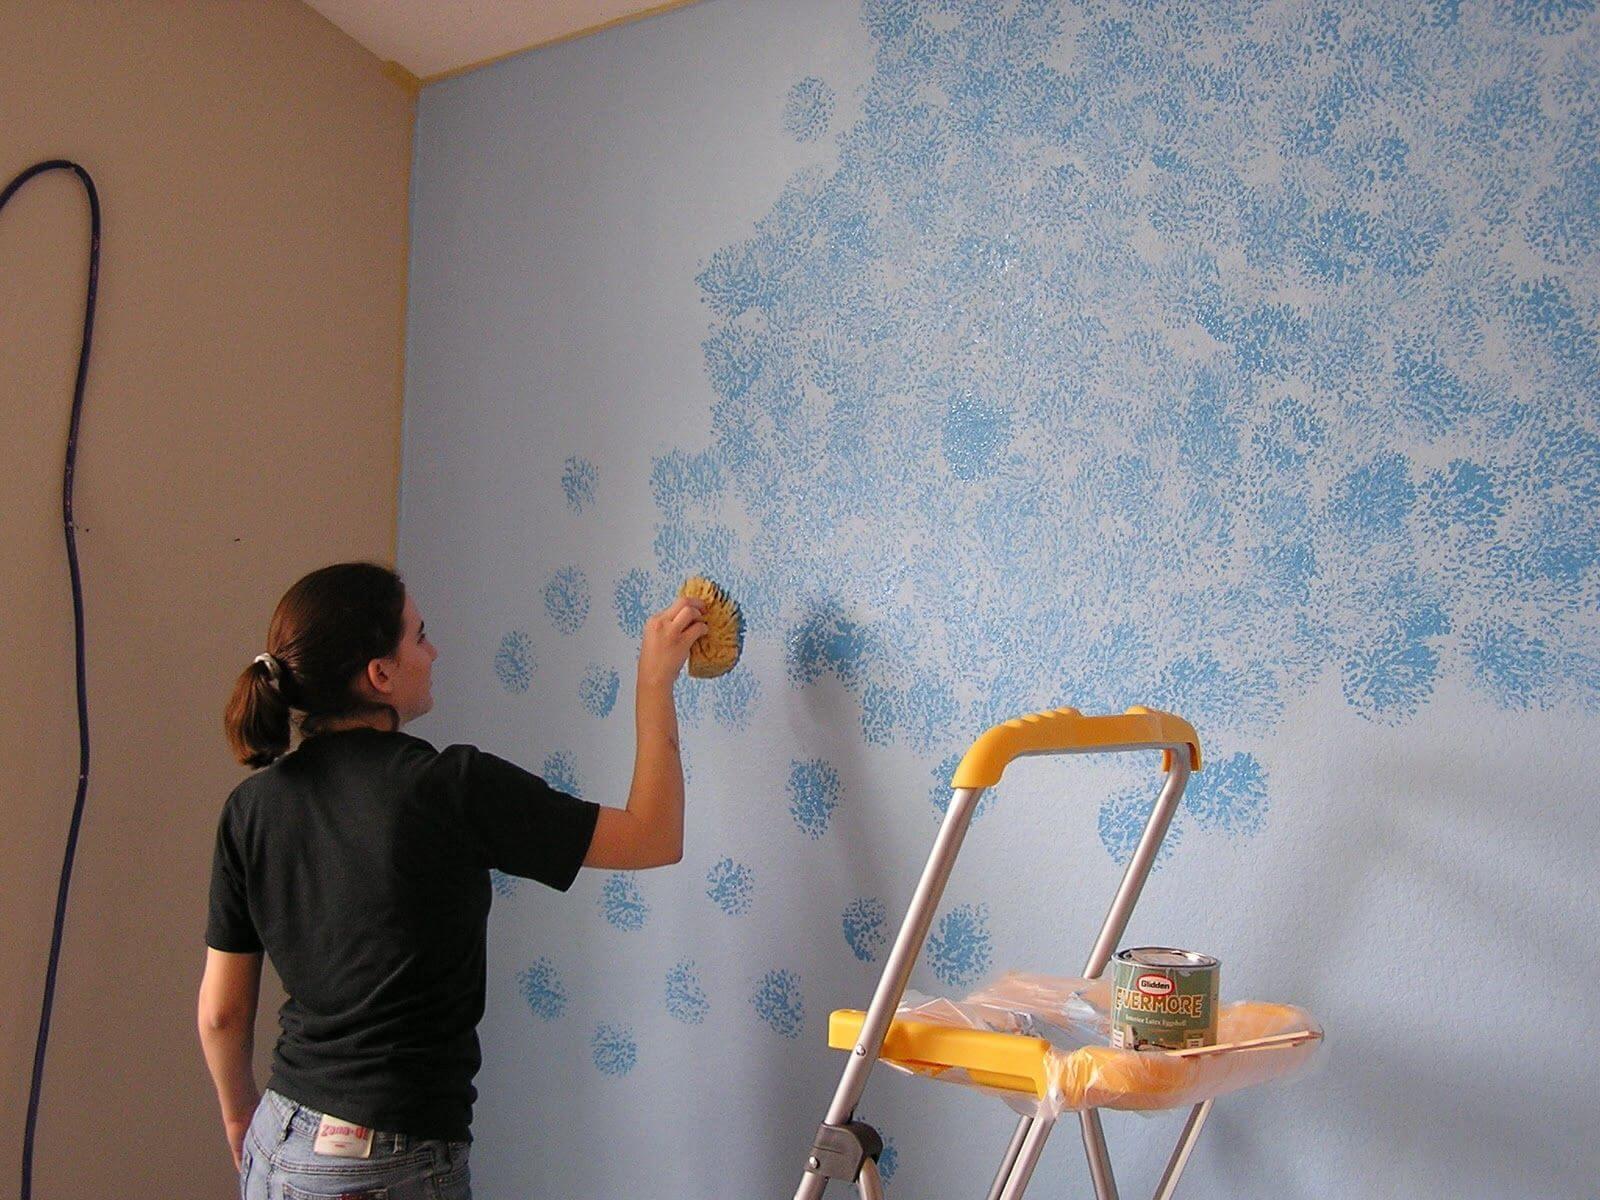 Как покрасить стены в квартире своими руками правильно: можно ли самому покрыть бетонную поверхность, а также лучший водоэмульсионный состав и красивые фото